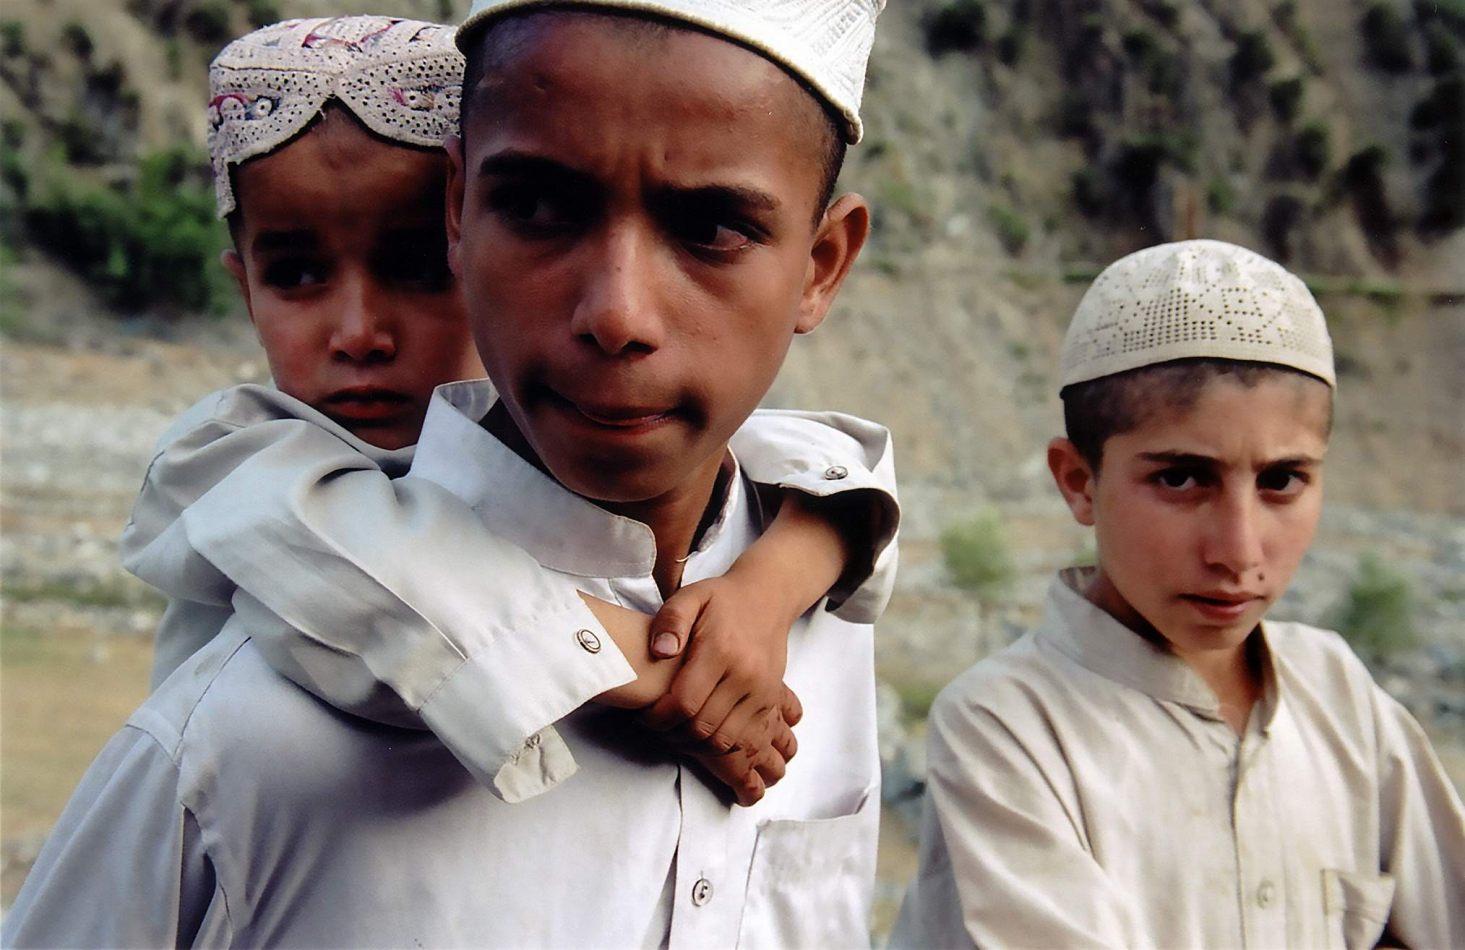 Anthony Ellis Photography: Zindabad - Pashtun Boys in Swat Valley